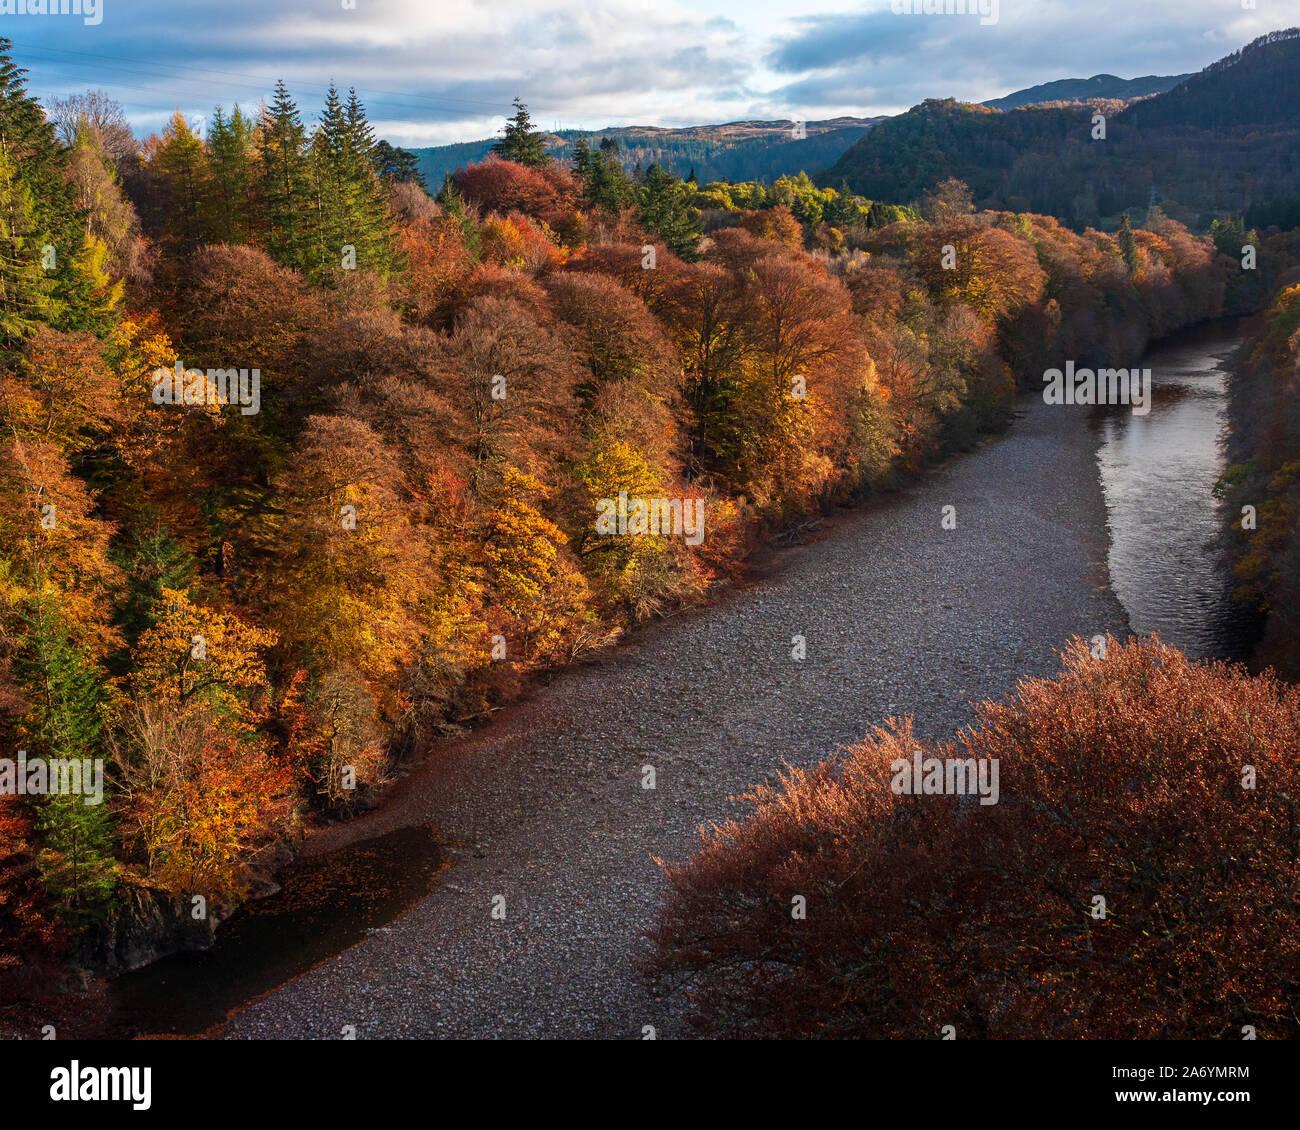 Couleurs d'automne sur la rivière Garry près de Pitlochry dans les Highlands écossais Banque D'Images